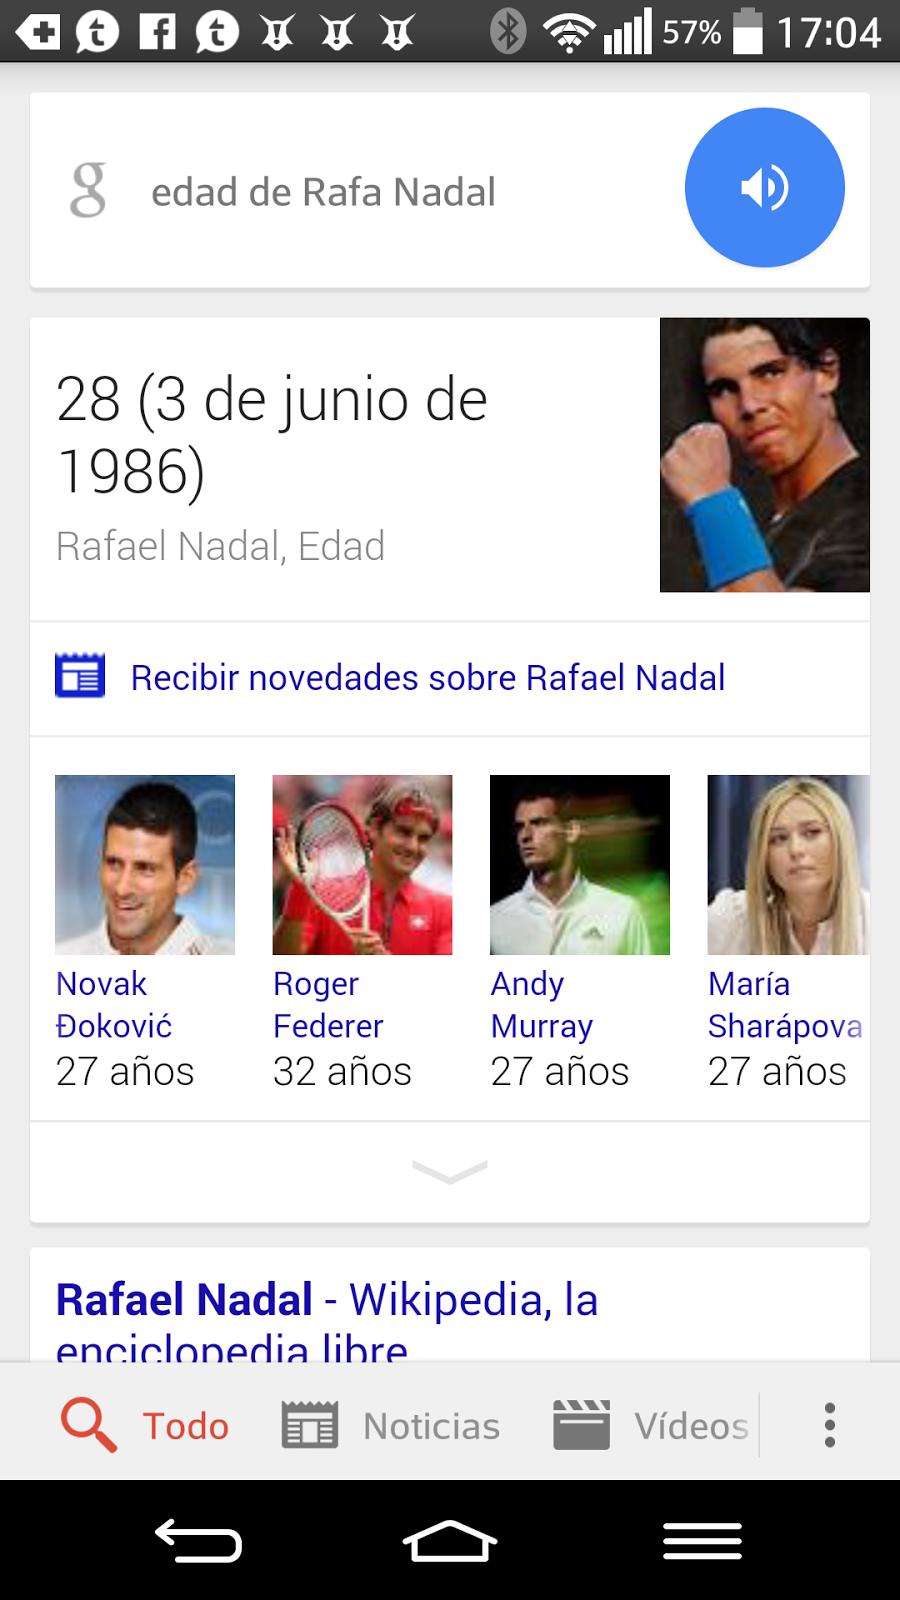 Comando de OK Google para saber el cumpleaños de un personaje público.